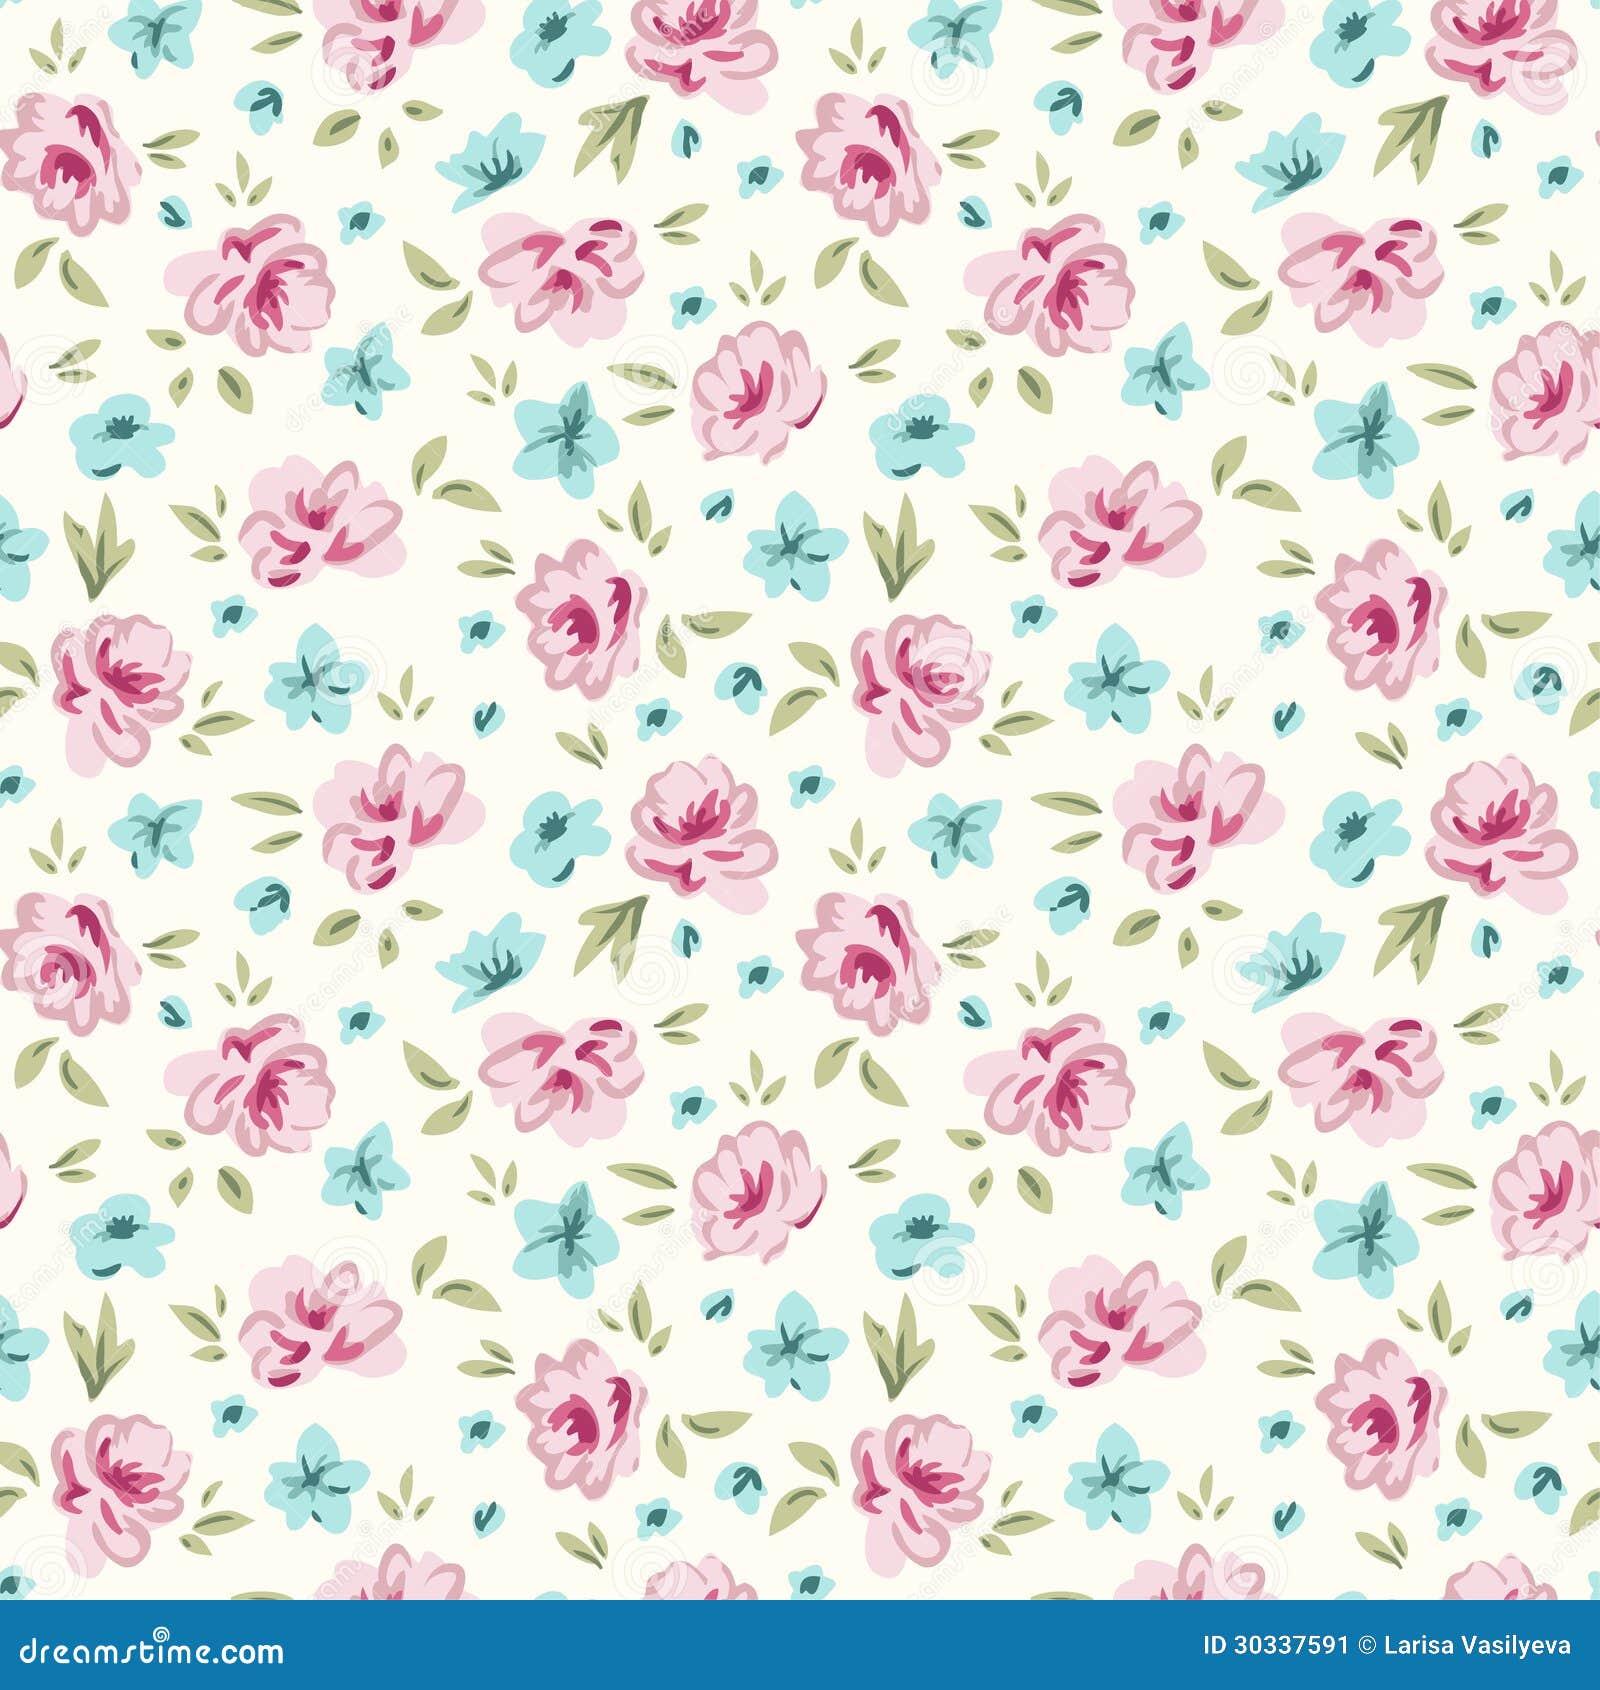 Фоны роз для скрапбукинга 1 фотография